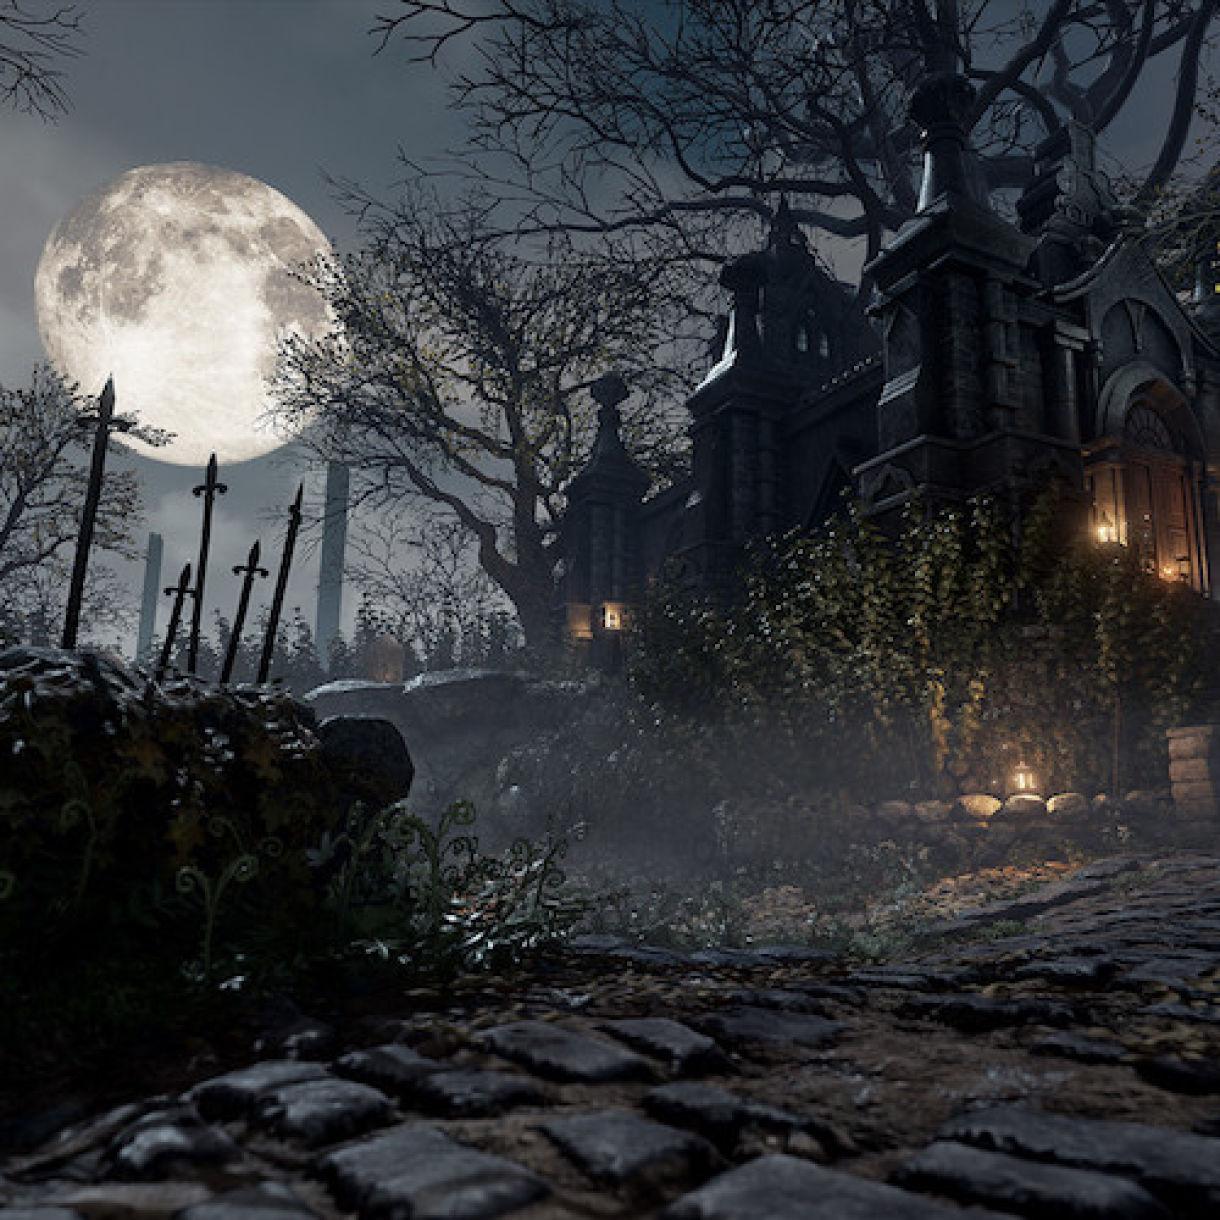 Bloodborne's Hunters Dream in Unreal Engine 4